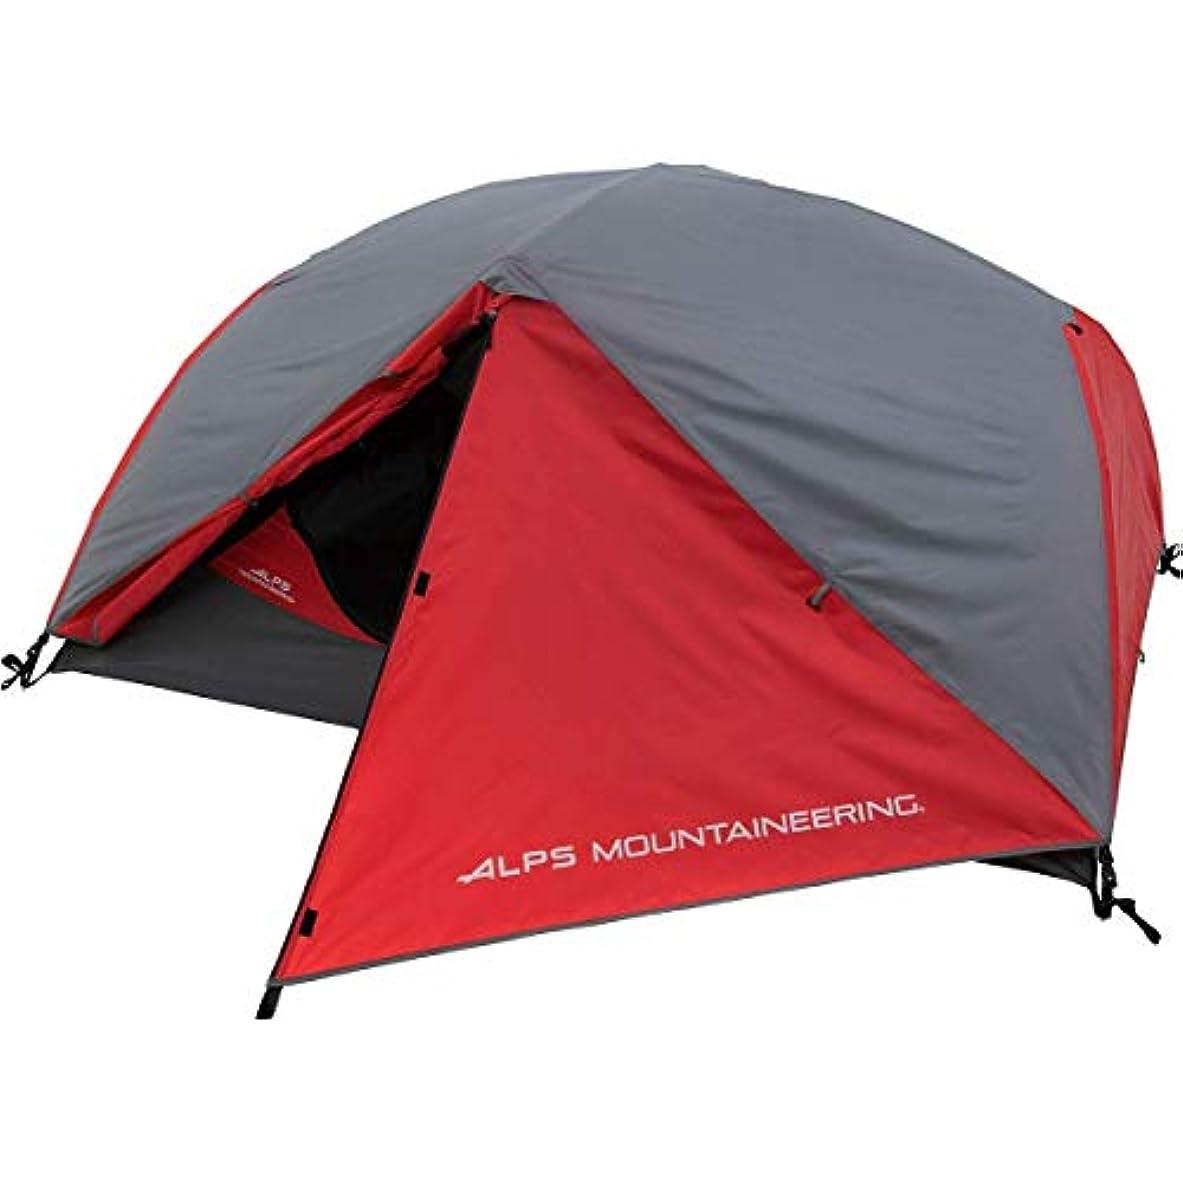 故障バルーン倍増ALPS Mountaineering Chaos 2 Tent 2-Person 3-Season Red/Grey, One Size [並行輸入品]